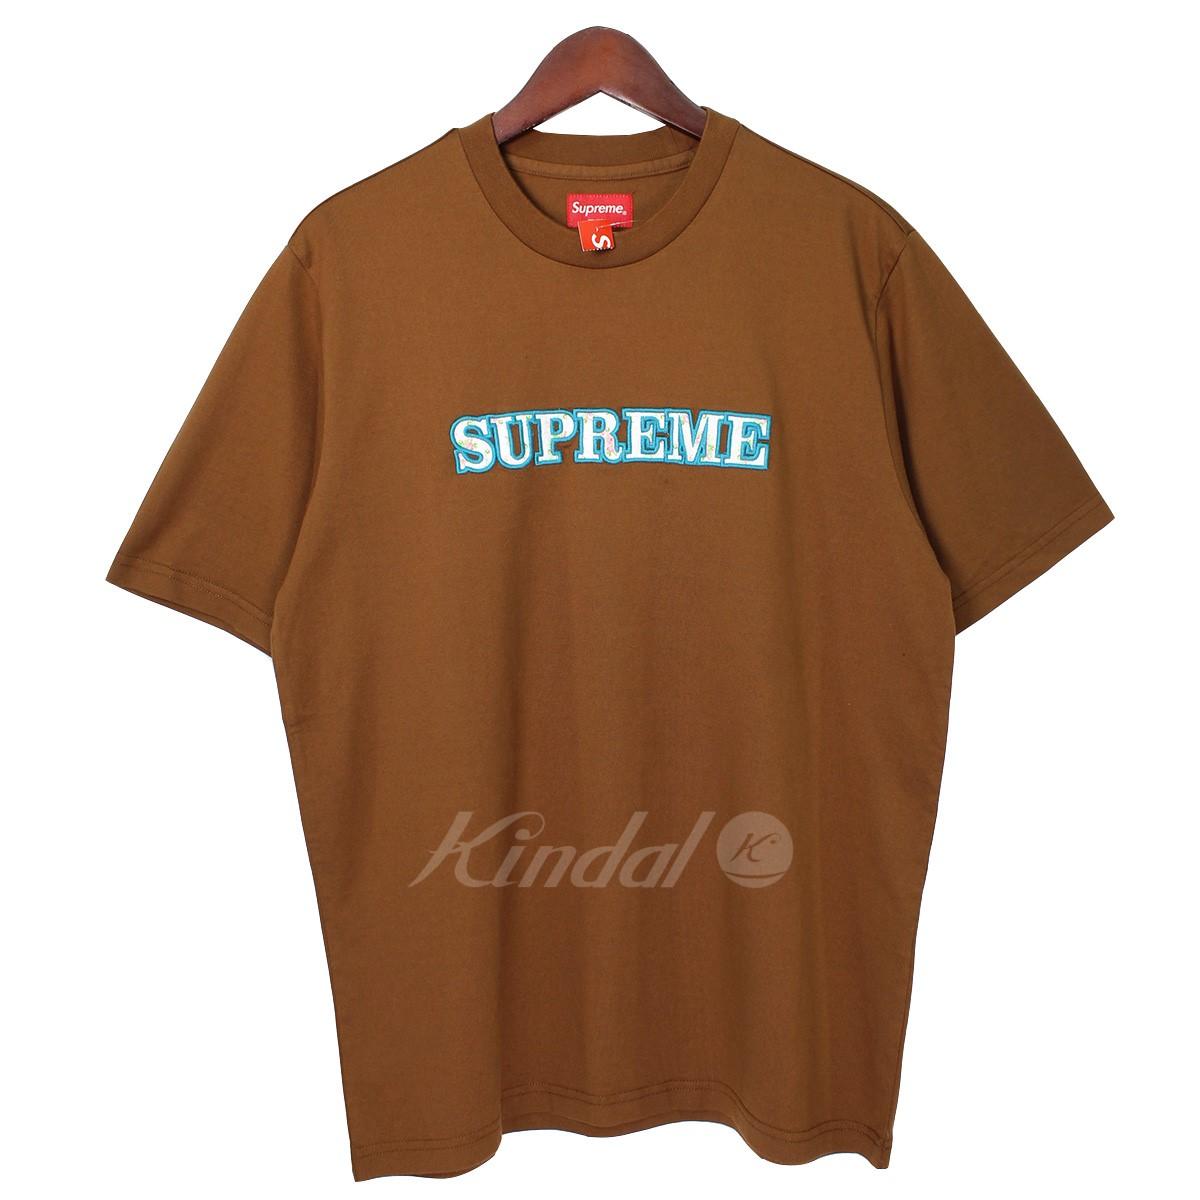 【中古】SUPREME 18AW Floral Logo Tee フローラルロゴTシャツ ブラウン サイズ:S 【送料無料】 【041018】(シュプリーム)